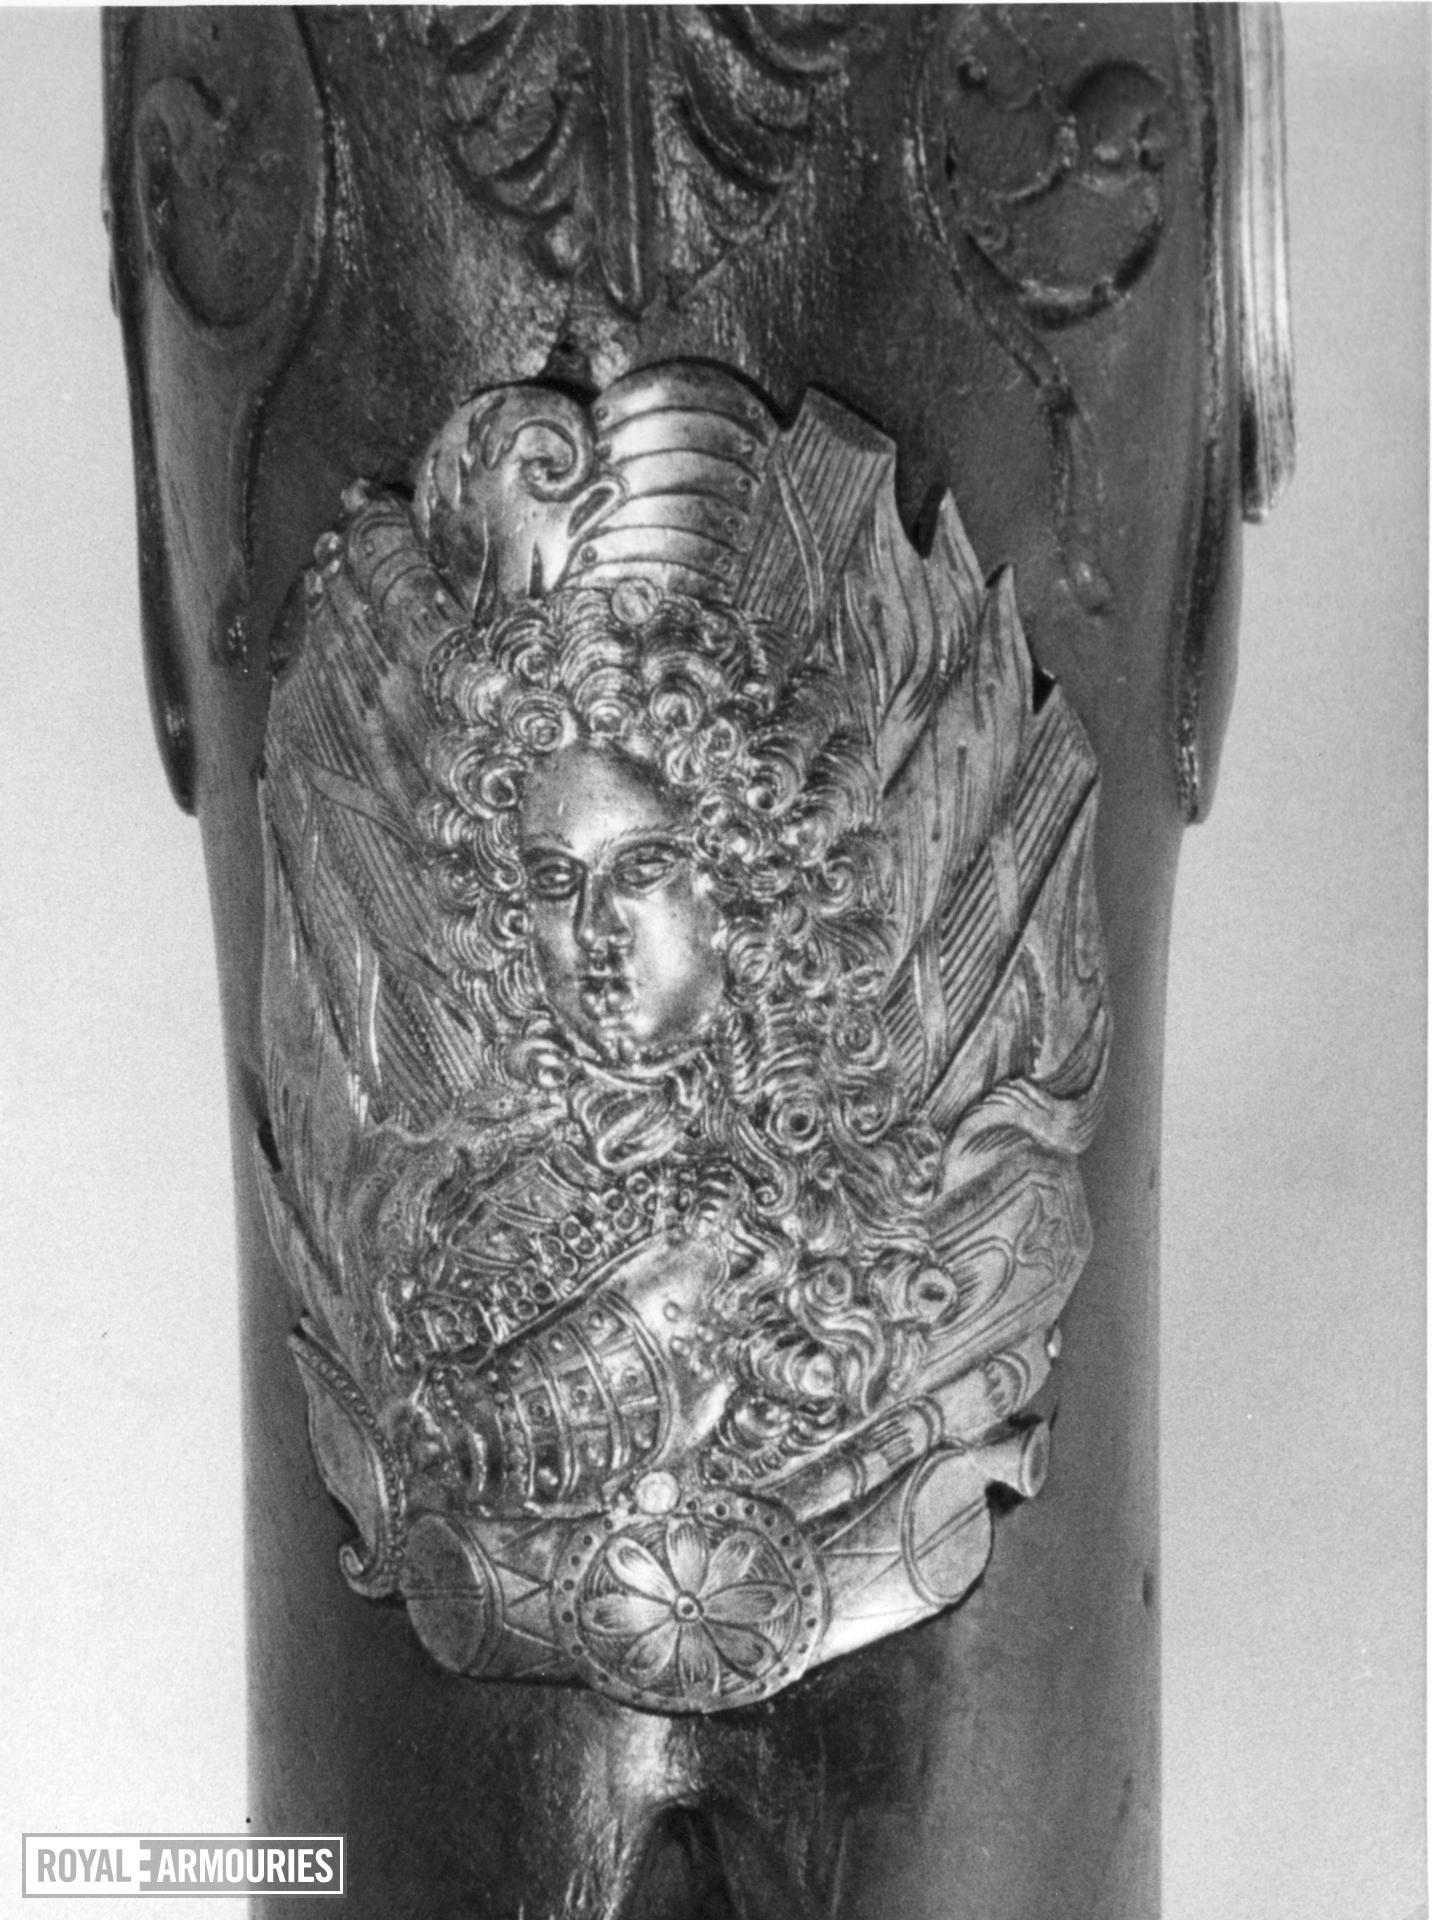 Flintlock muzzle-loading rifle - By Han Hart By Han Hart